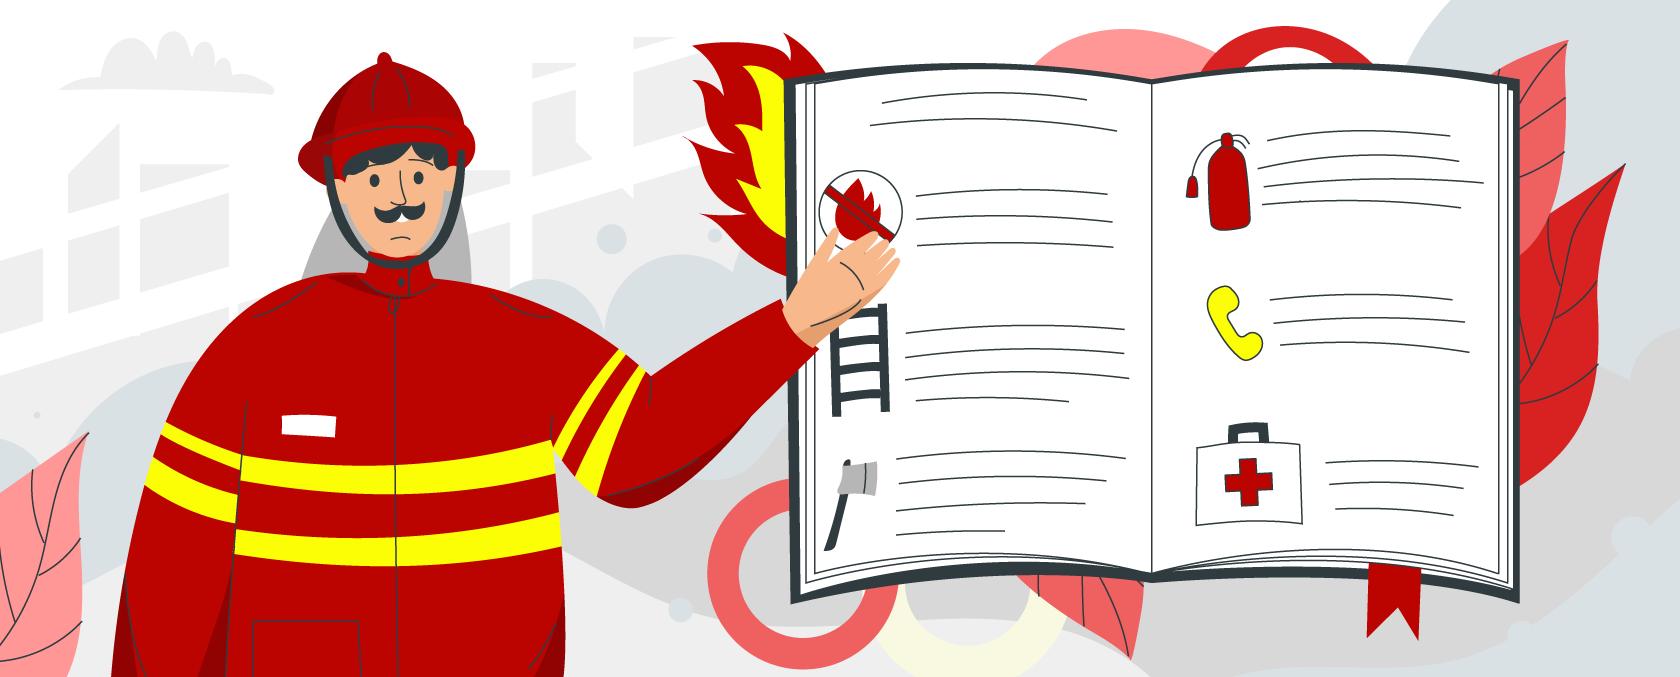 С 1 сентября вступят в силу изменения в правила противопожарного режима, утвержденные Постановлением №1479